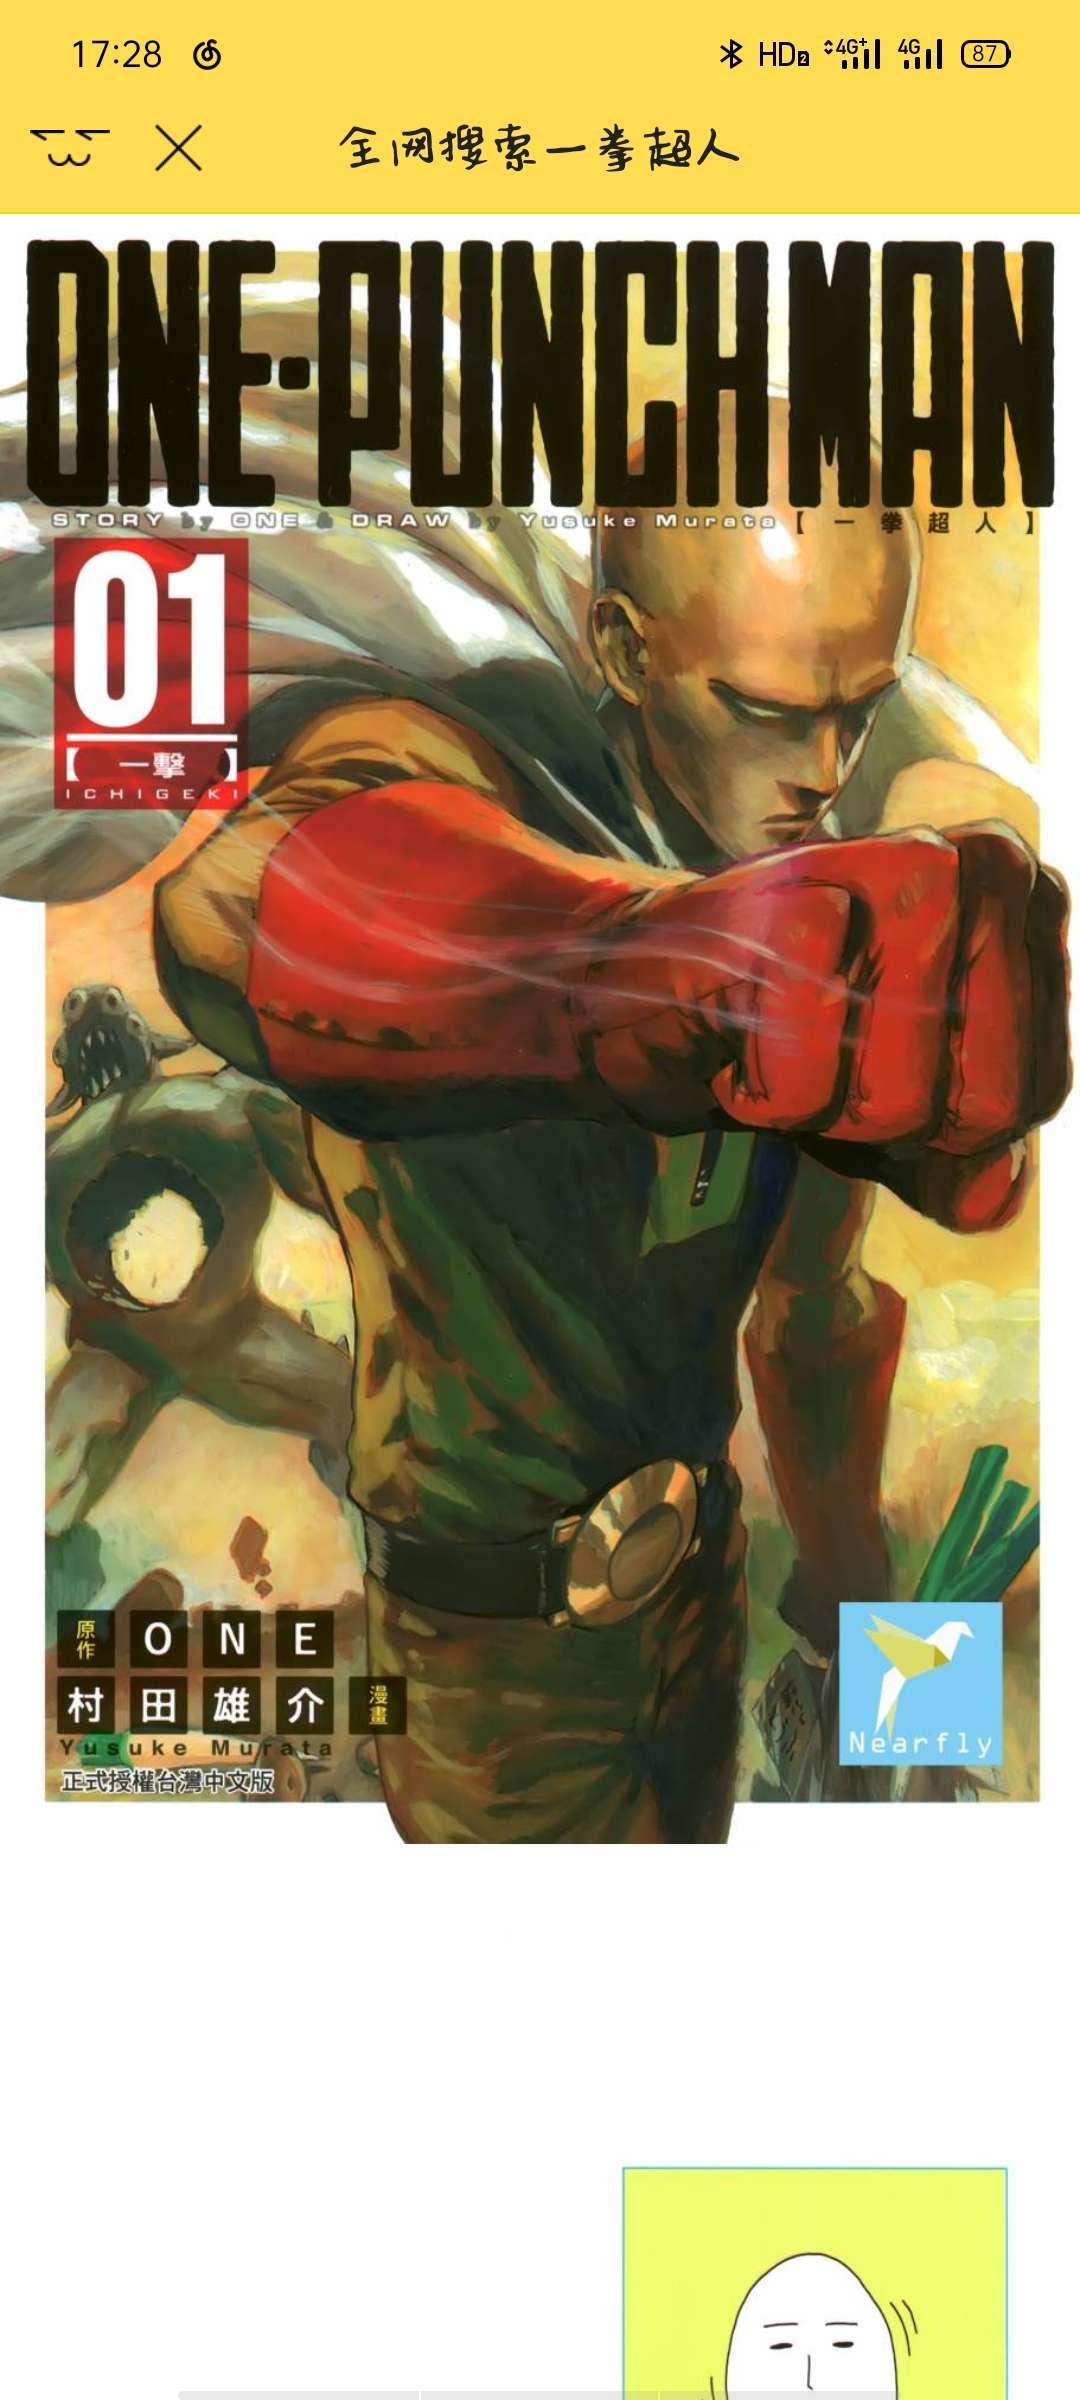 【漫画】一拳超人,大学看动画片全集在线观看-小柚妹站